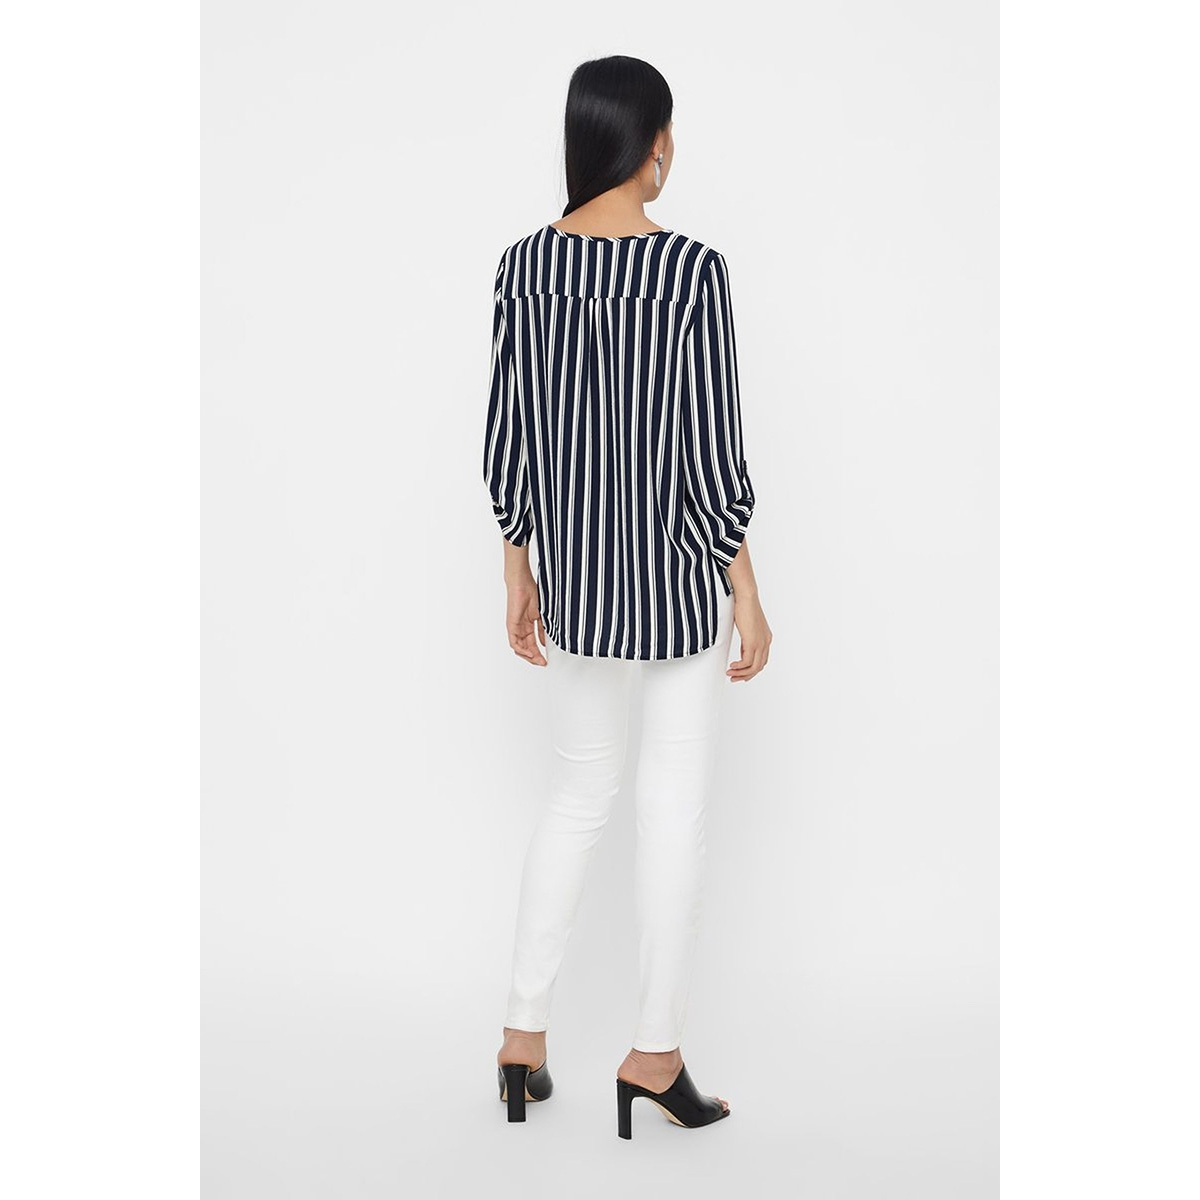 vmsasha 3/4 top color 10215422 vero moda blouse navy blazer/snow white